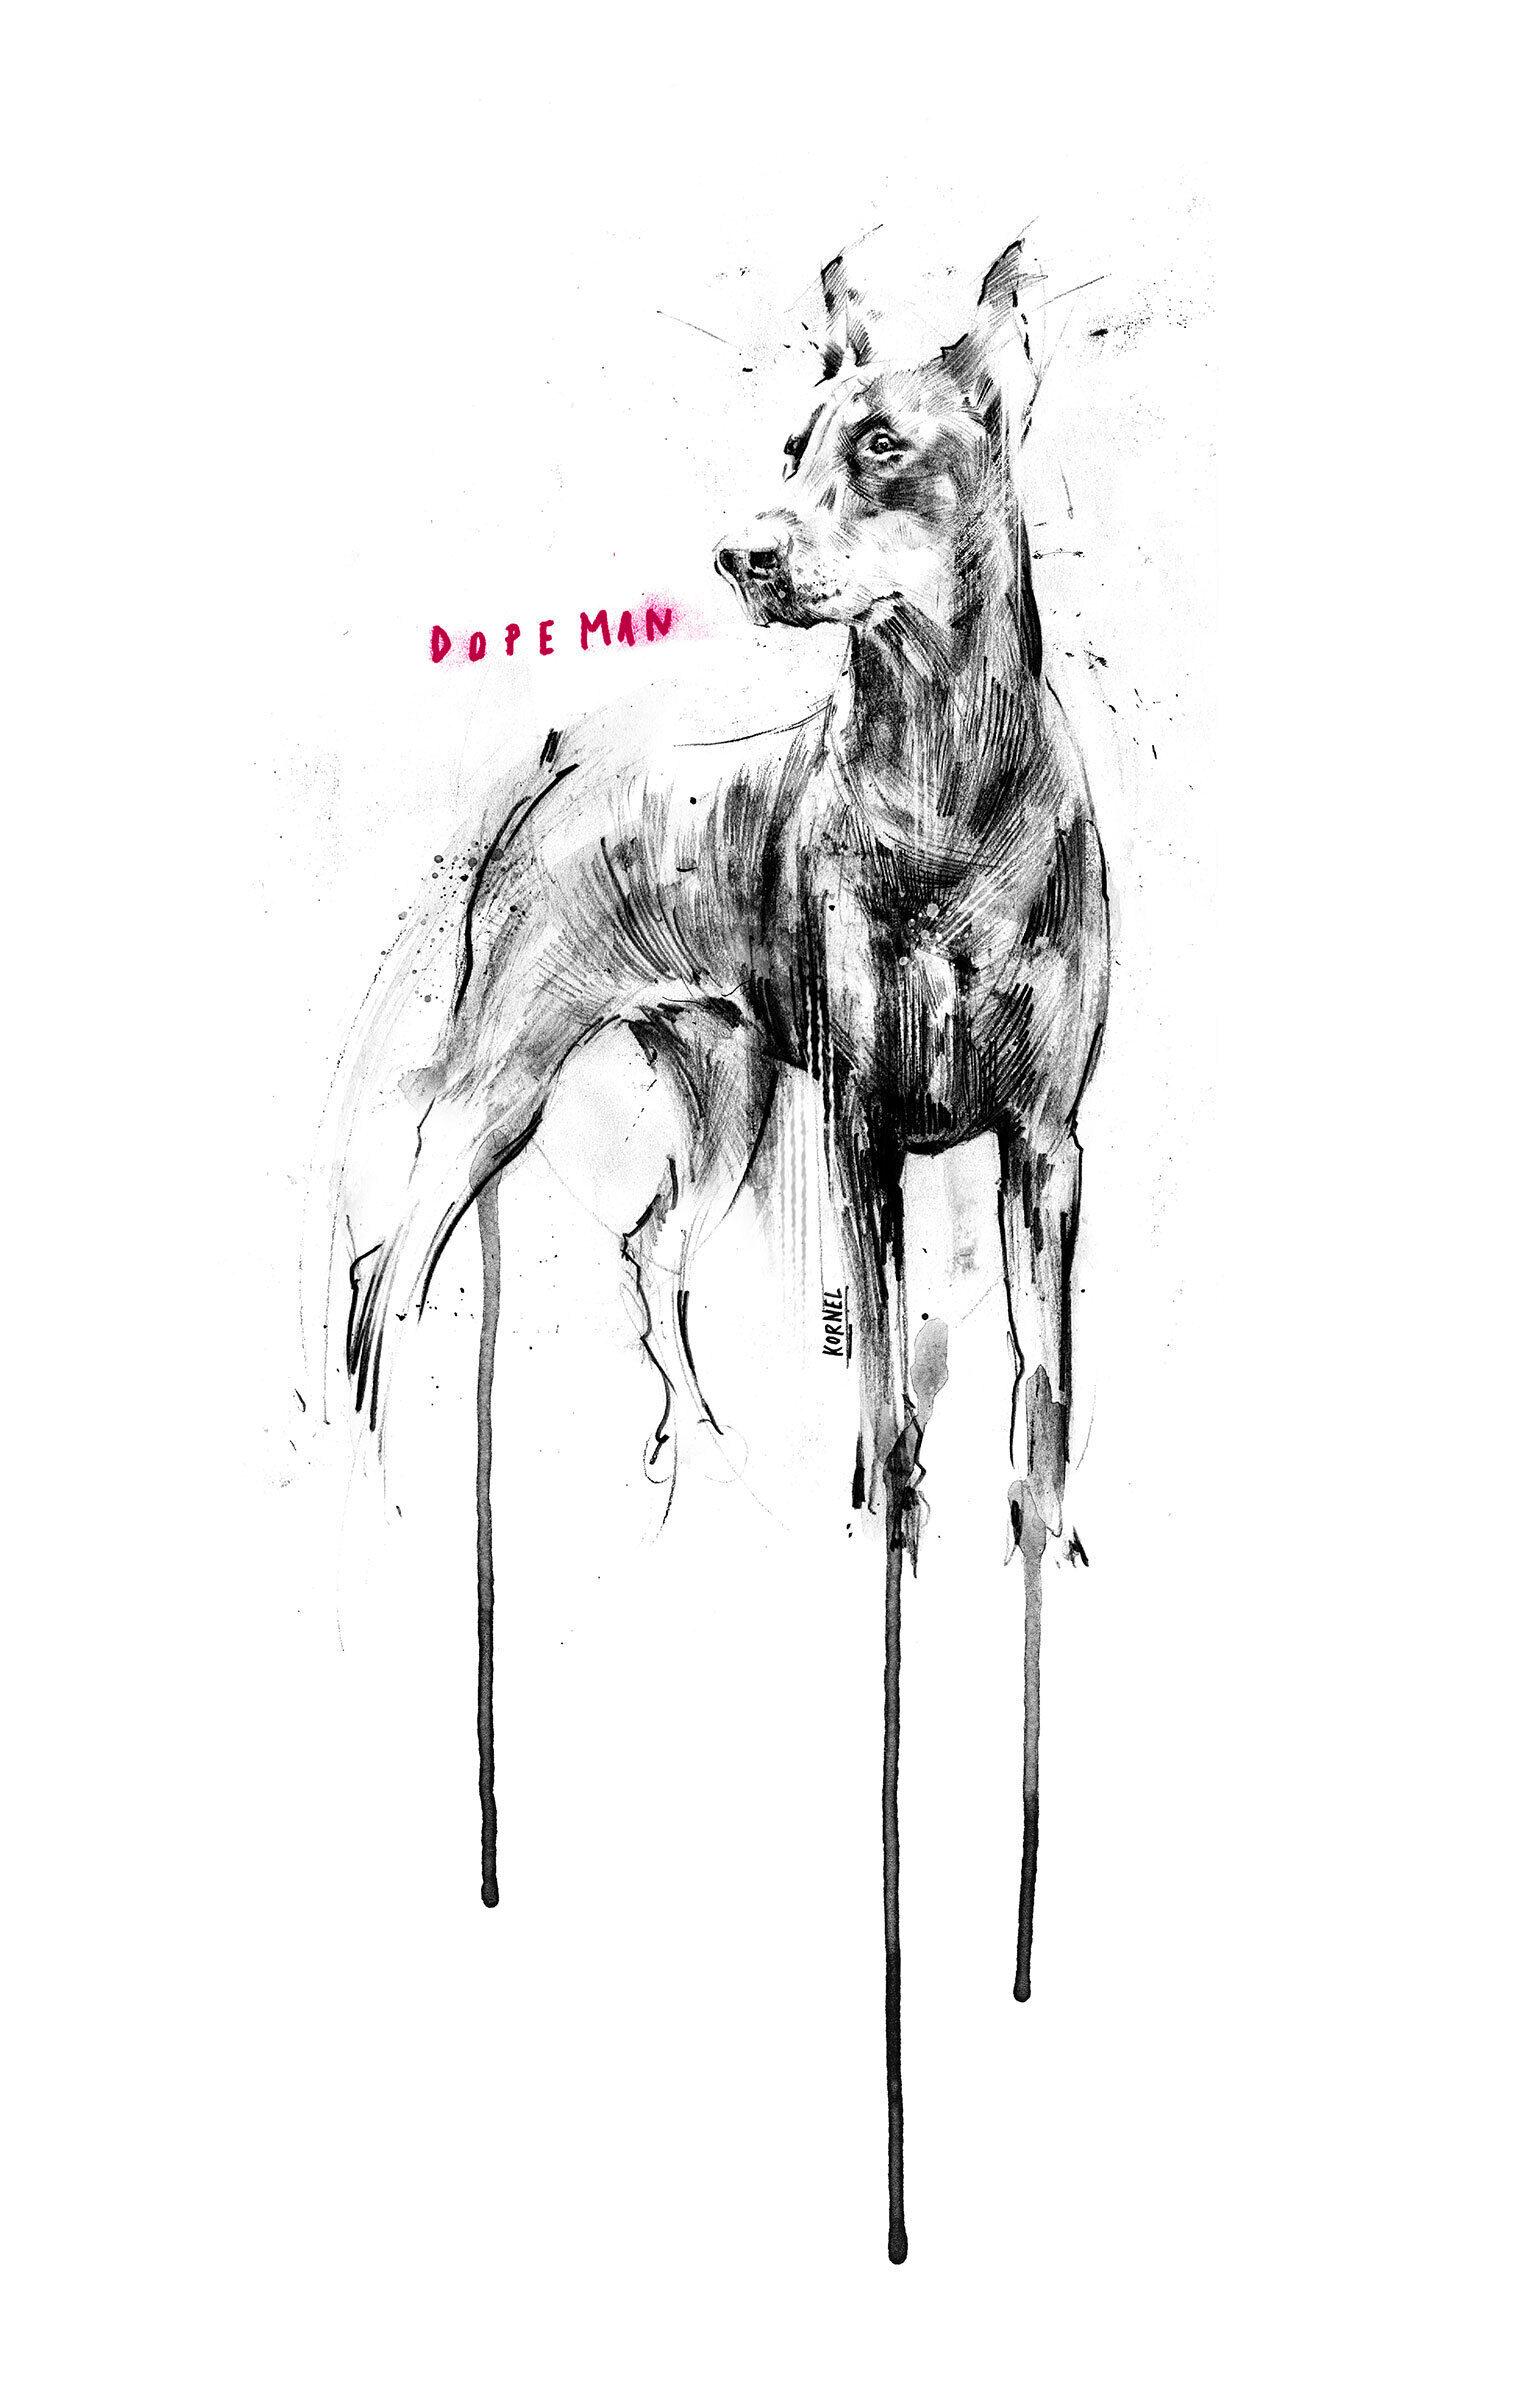 Dopeman - Kornel Illustration | Kornel Stadler portfolio